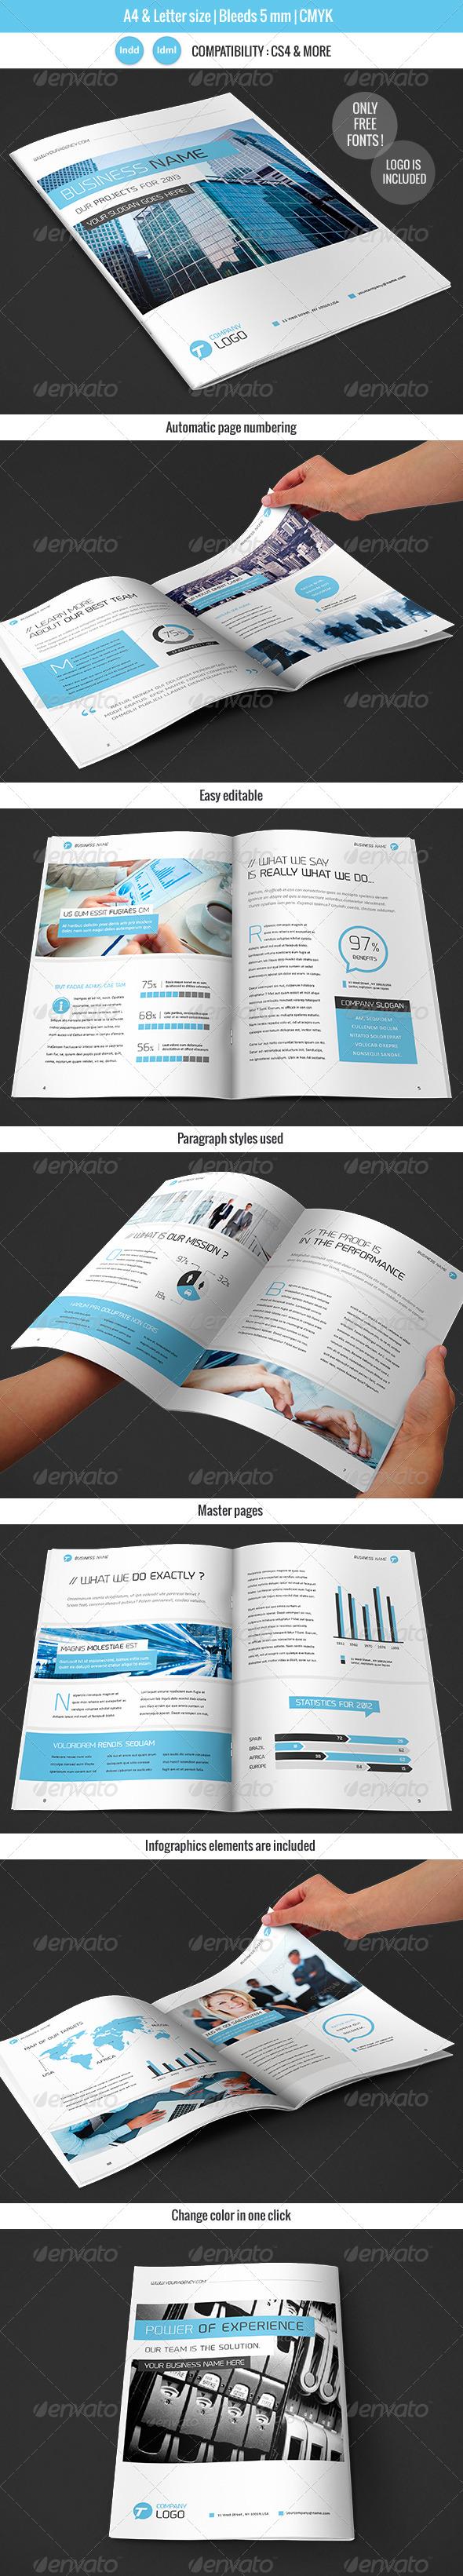 GraphicRiver Corportate & Business Brochure Template Design 4148585